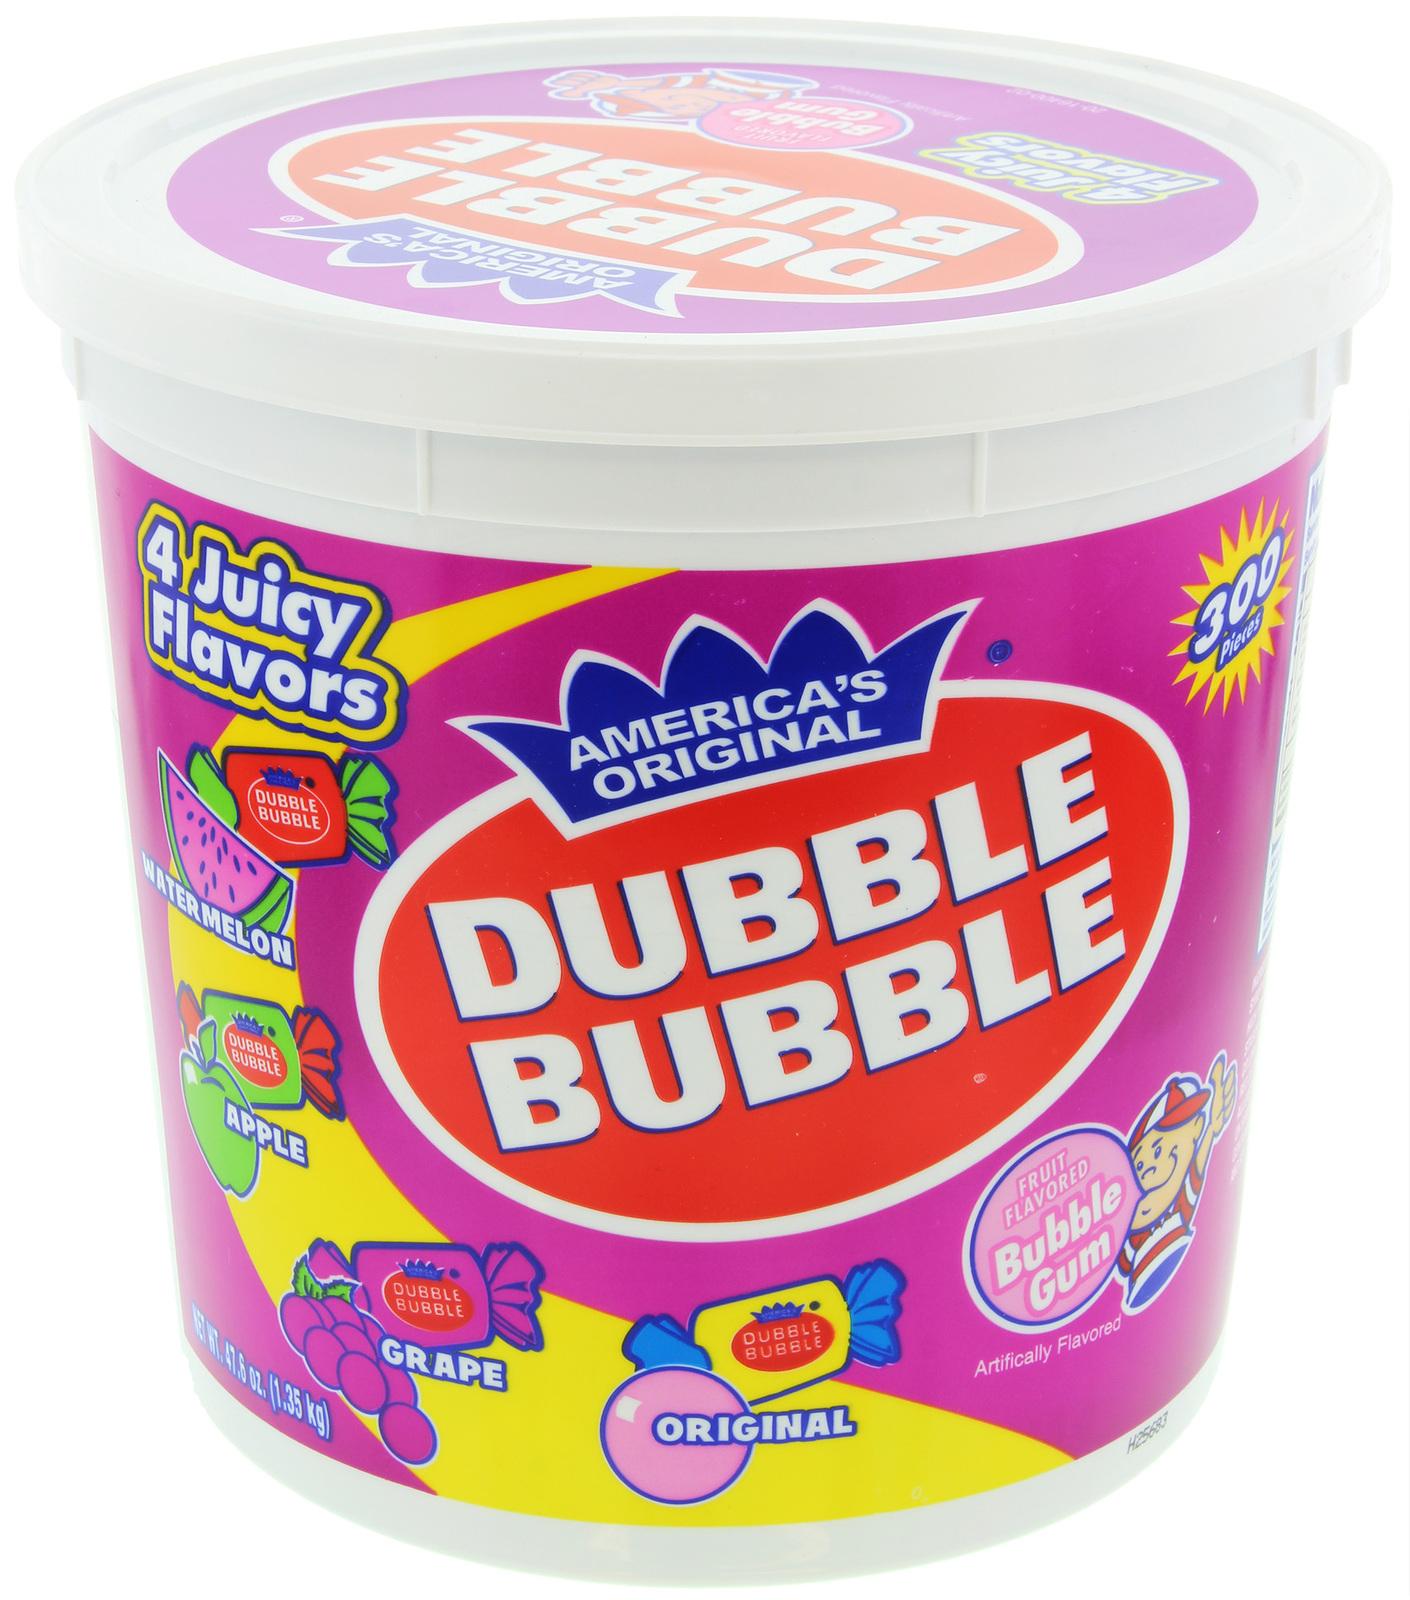 Dubble Bubble 4 flavor Tub (1.3kg) image